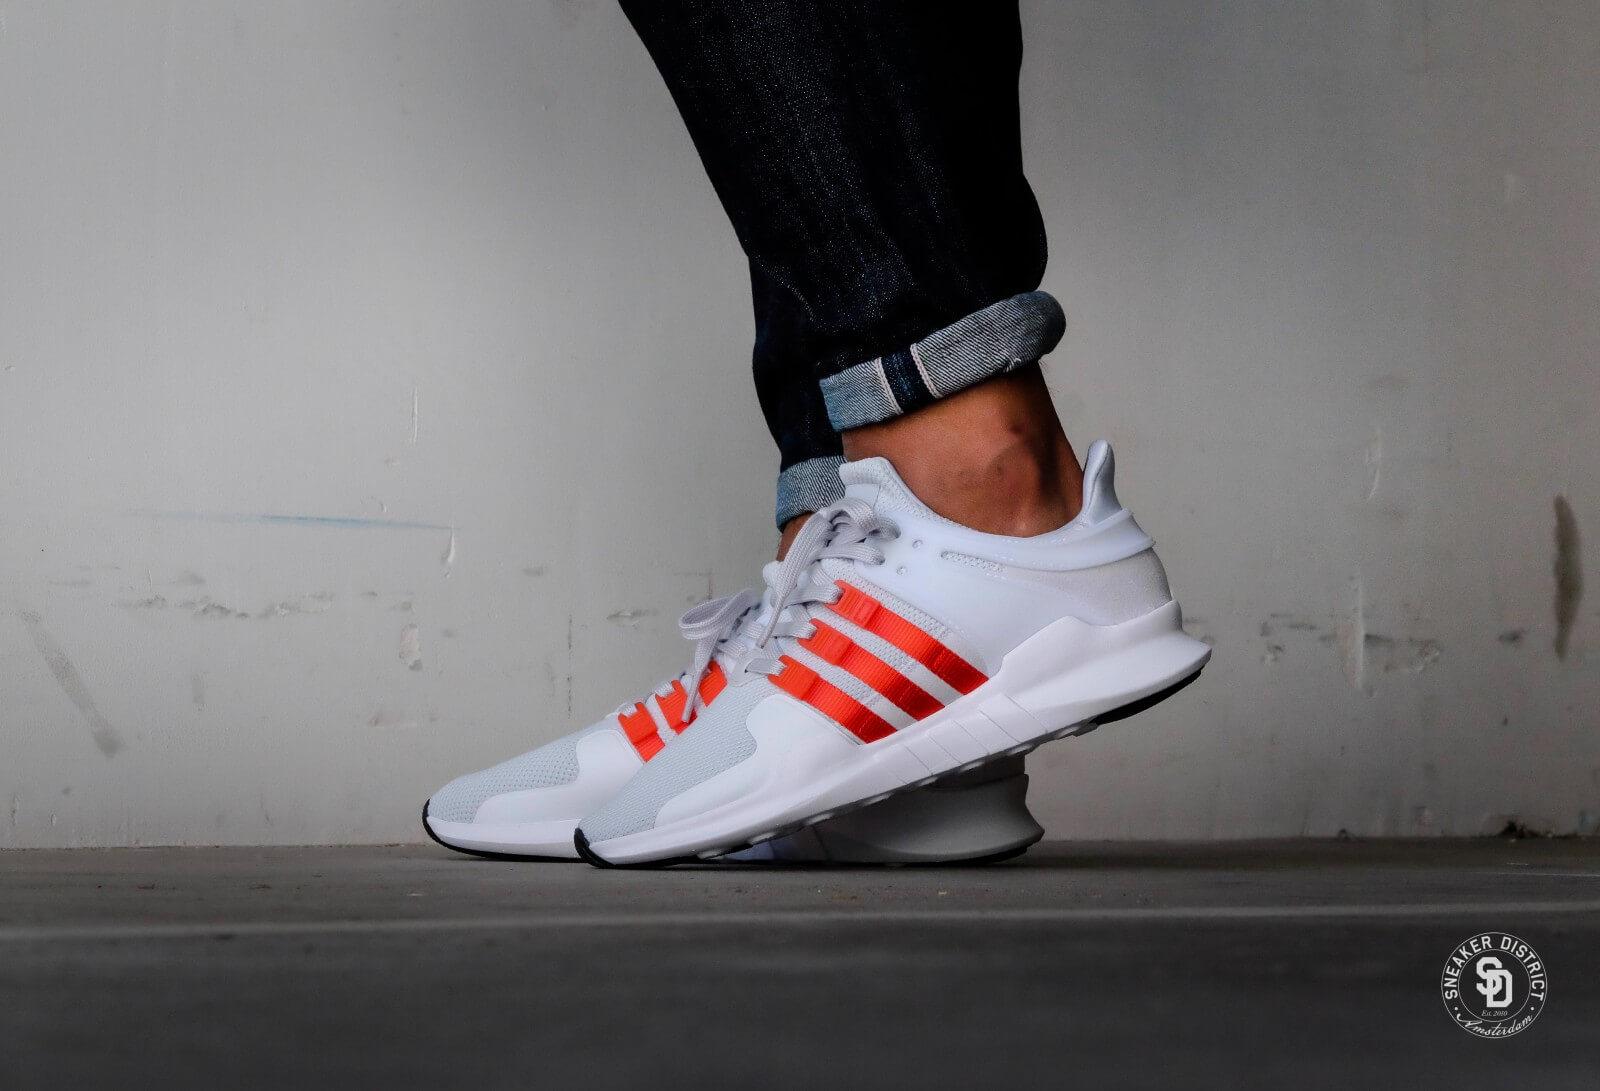 Adidas EQT Support ADV Clear Grey/Bold